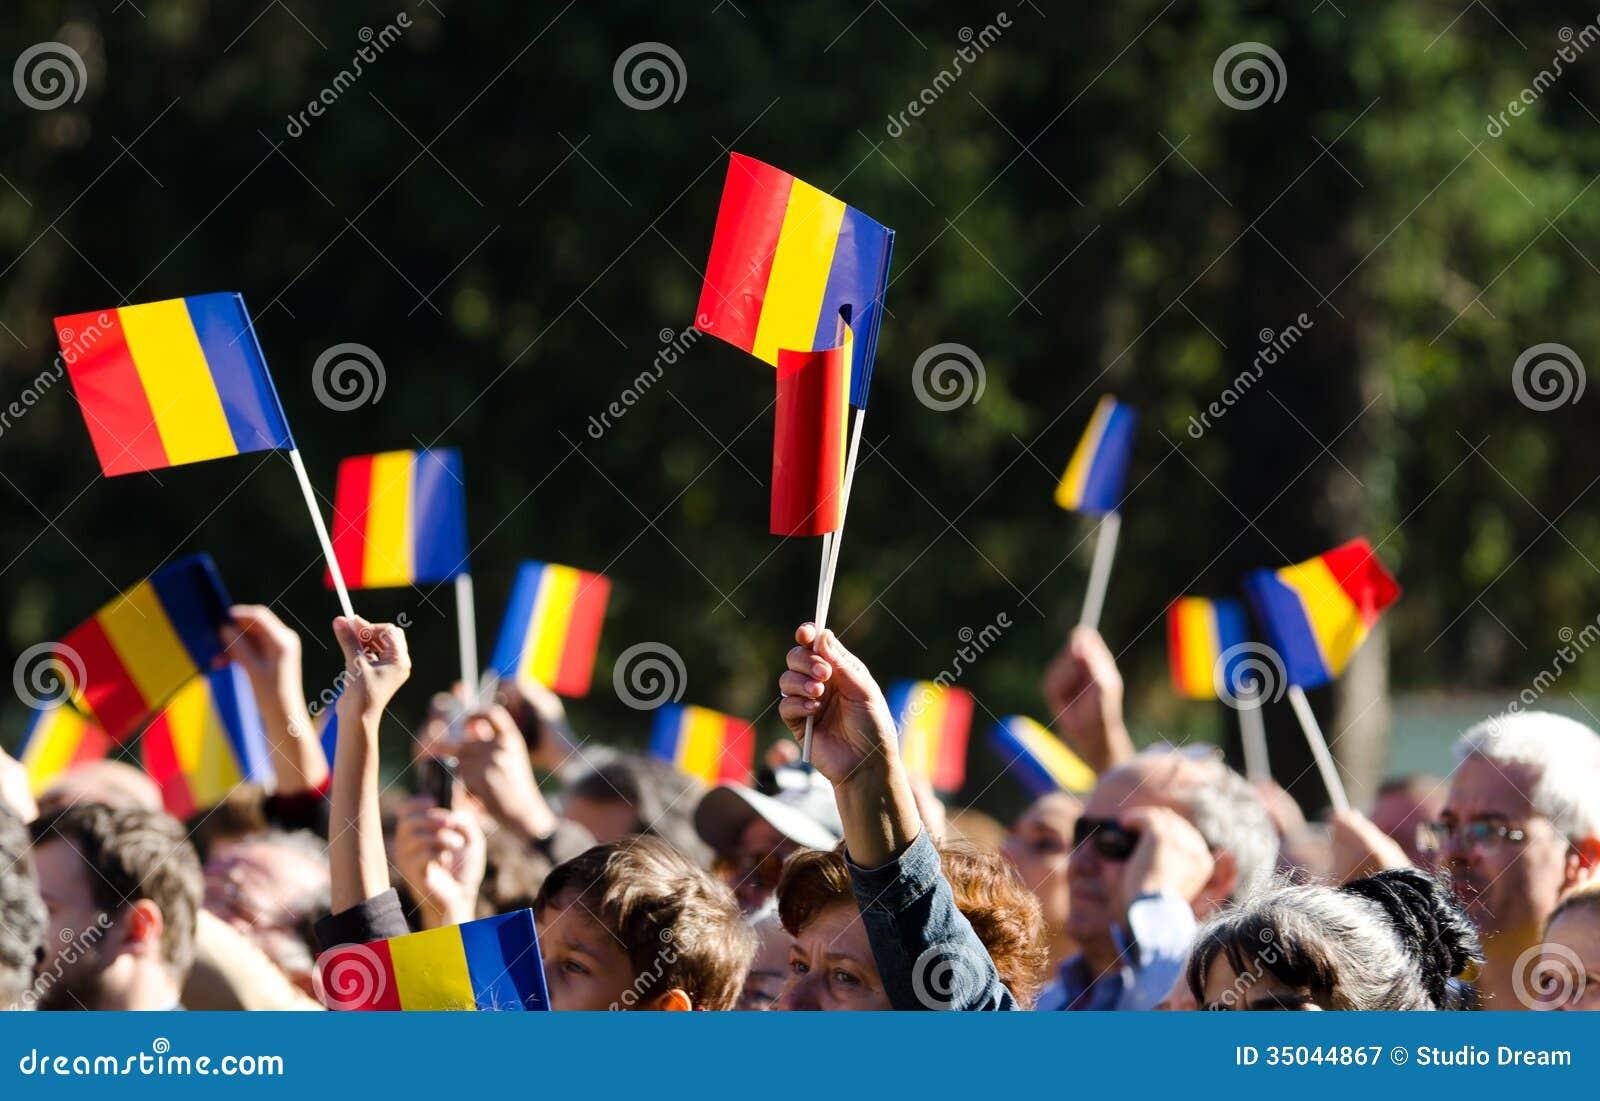 Vinkande flaggor för rumänsk folkmassa